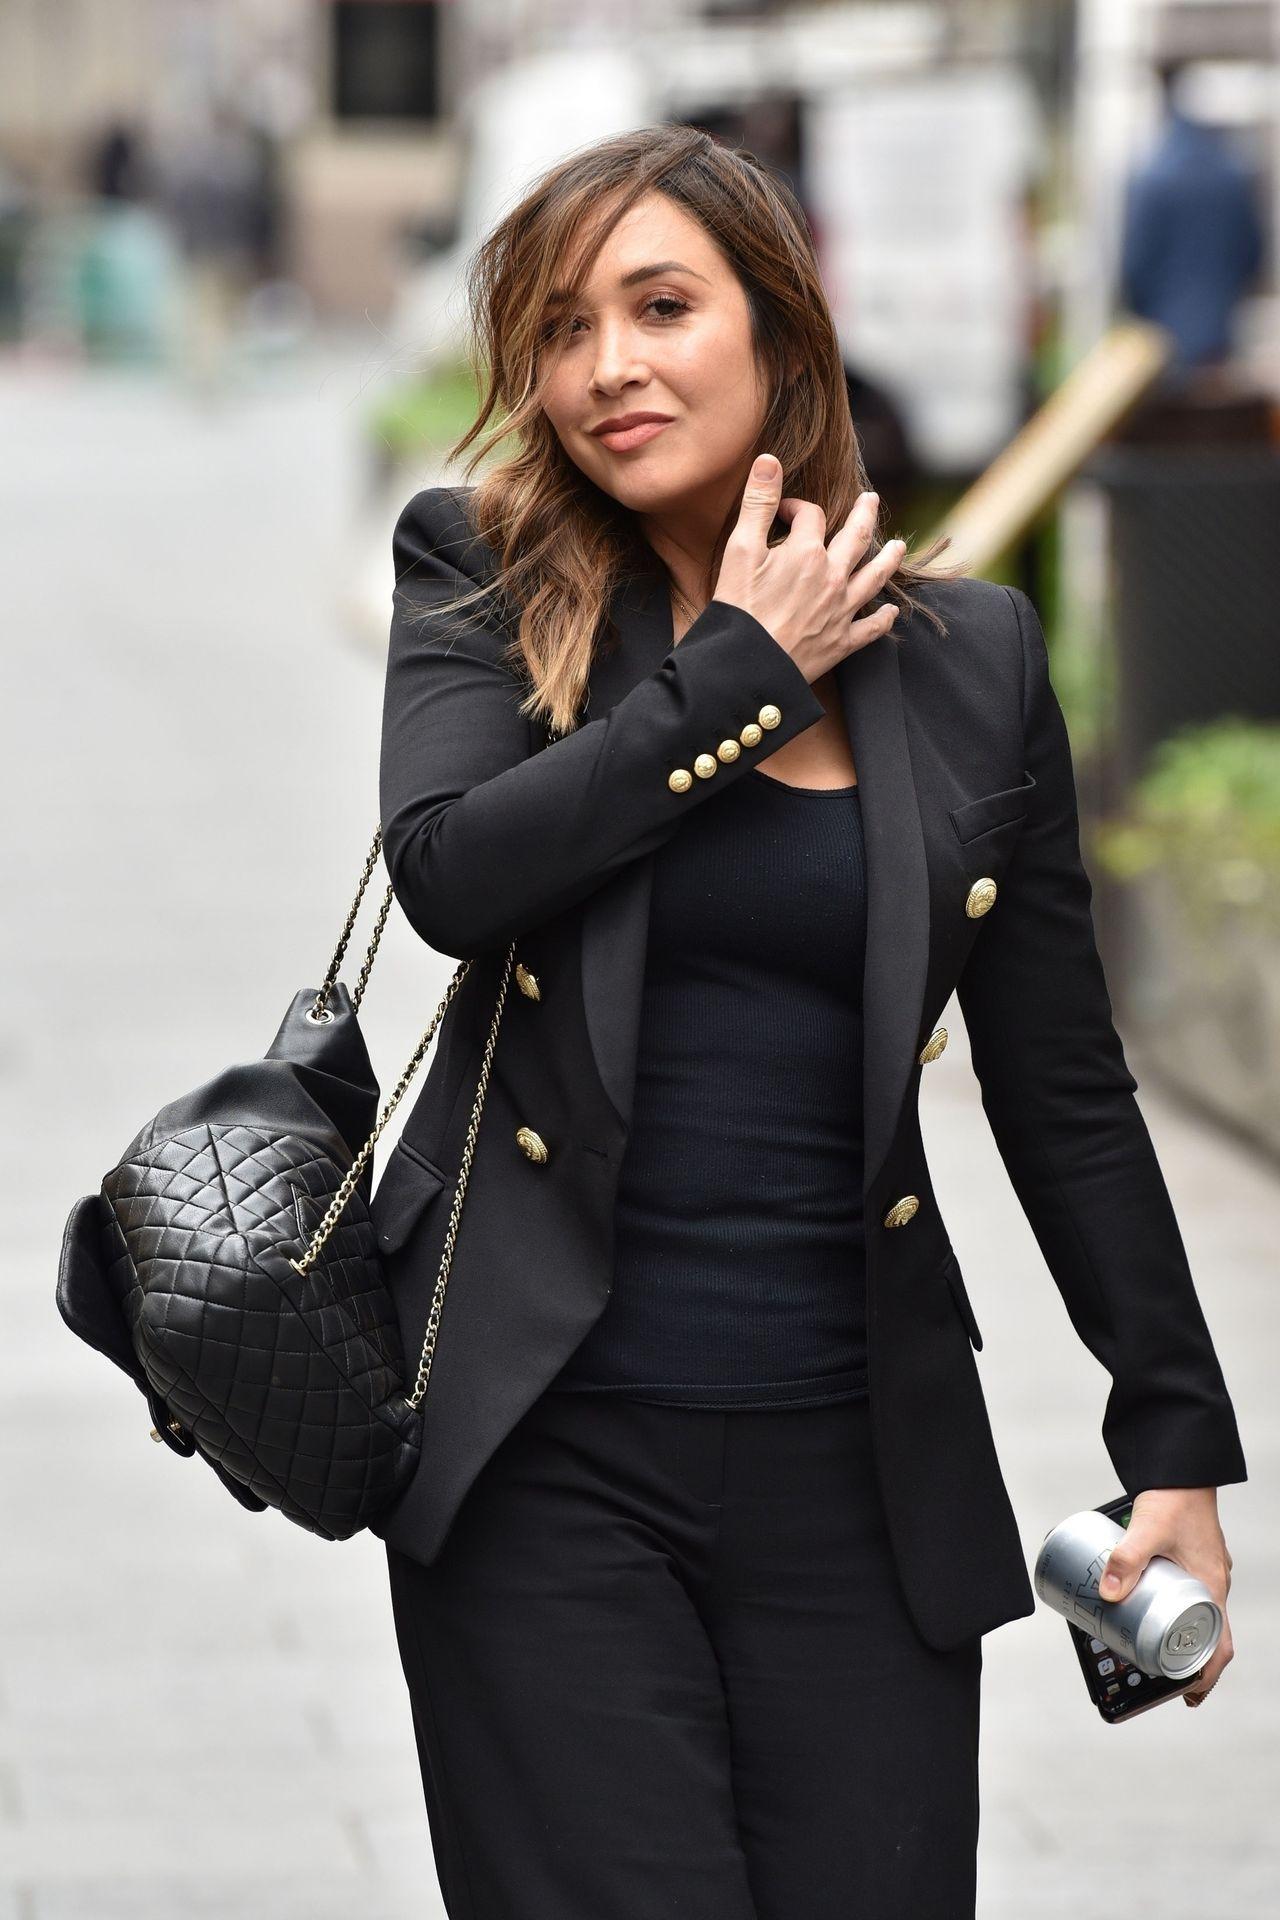 Myleene Klass Looks Hot In All Black In London 0005